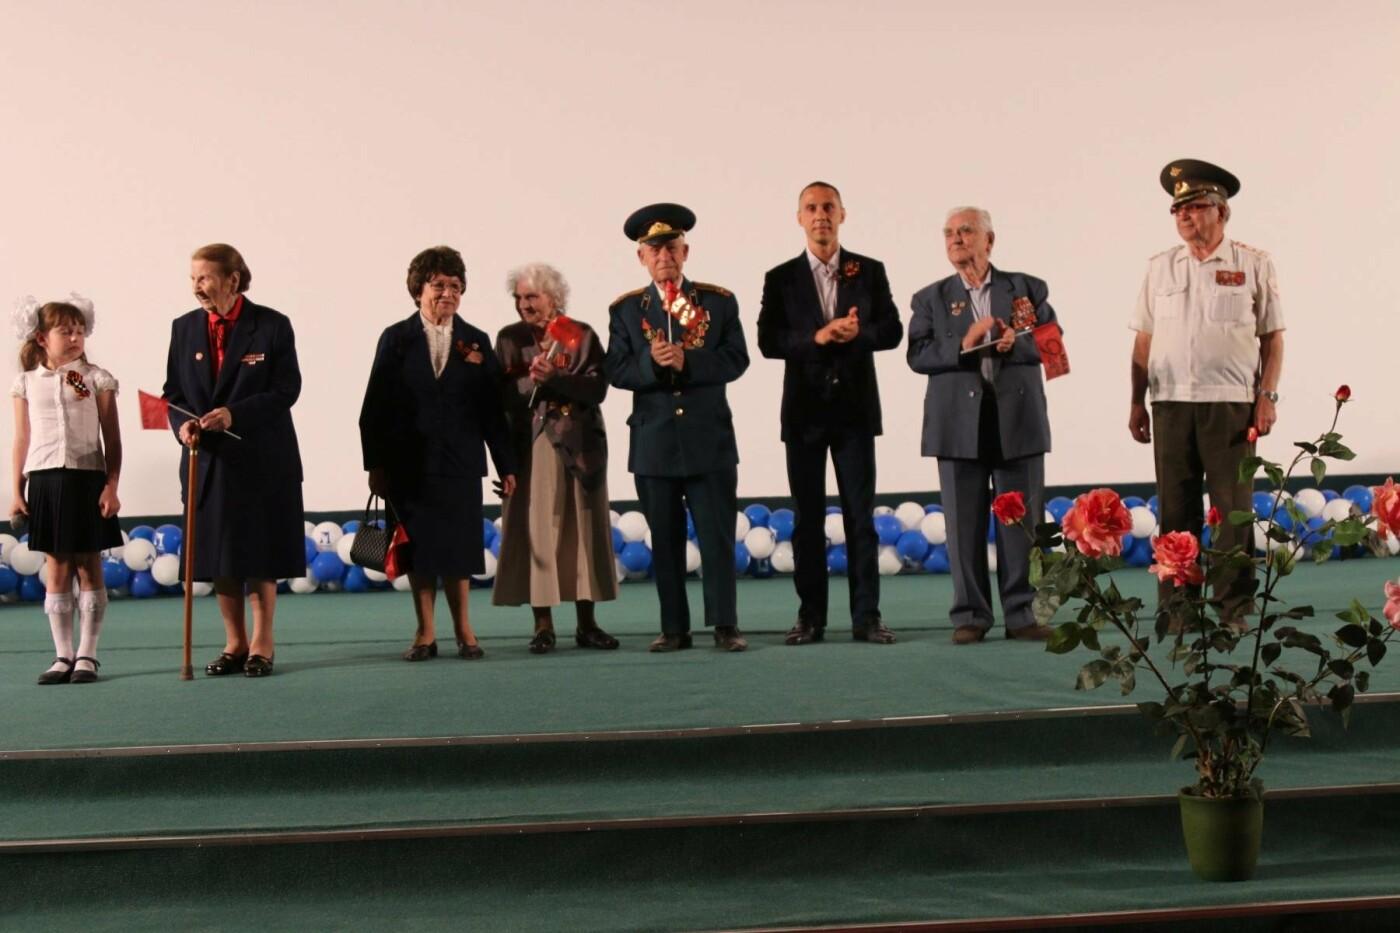 Профсоюз «Правда» в канун Дня Победы организовал для белгородцев показ фильма «Танки», фото-4